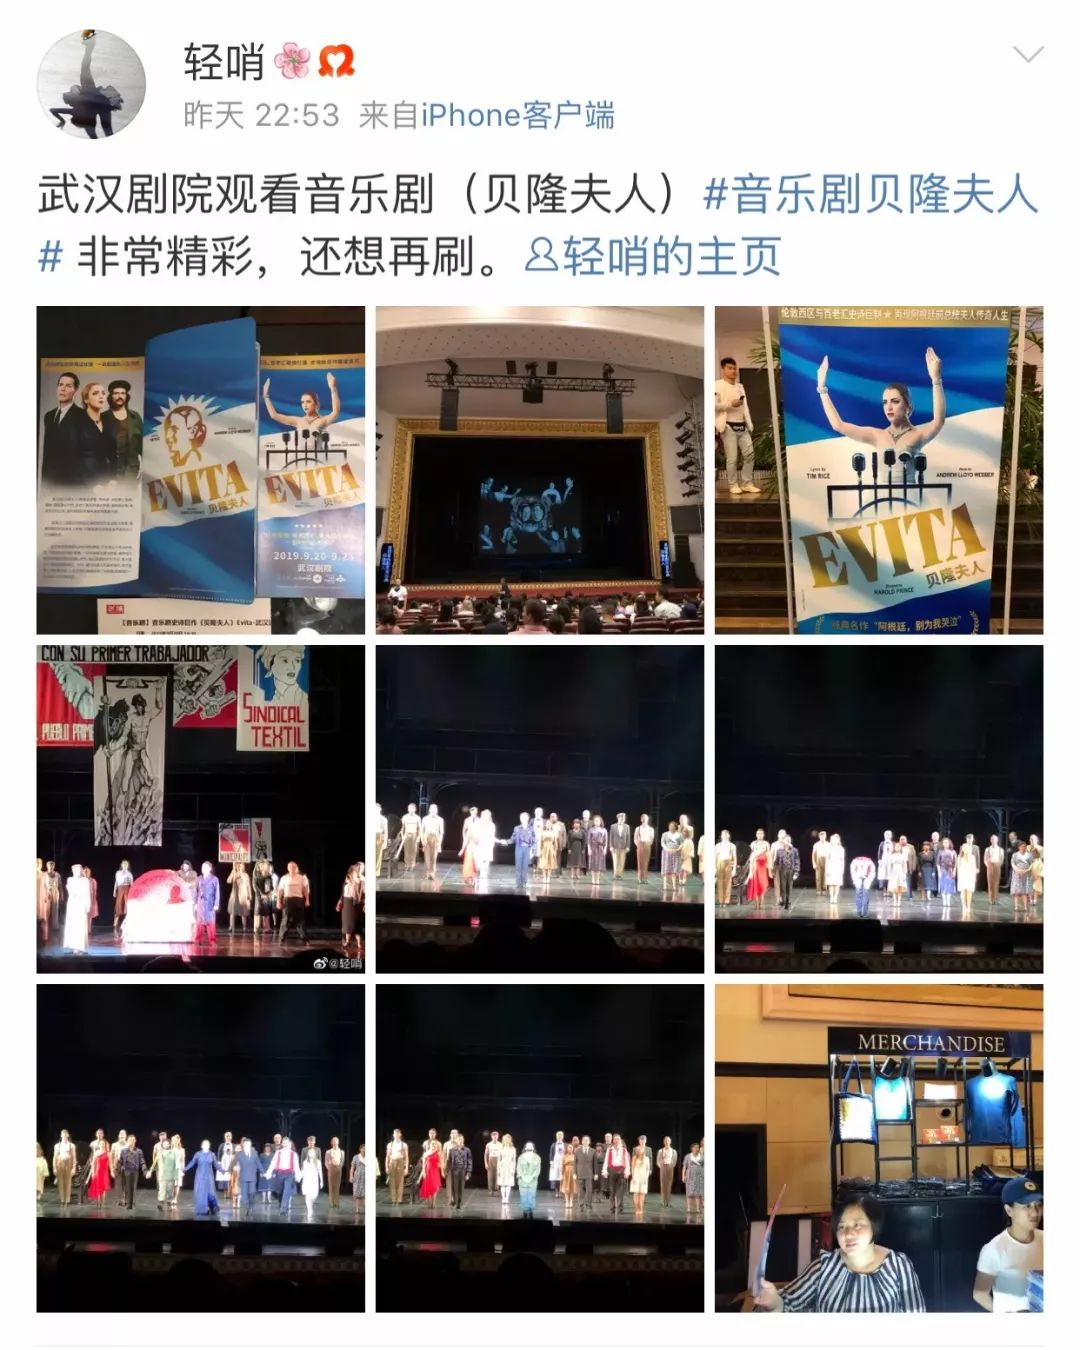 音乐剧《贝隆夫人》武汉震撼首演!原版史诗巨作江城还原呈现!